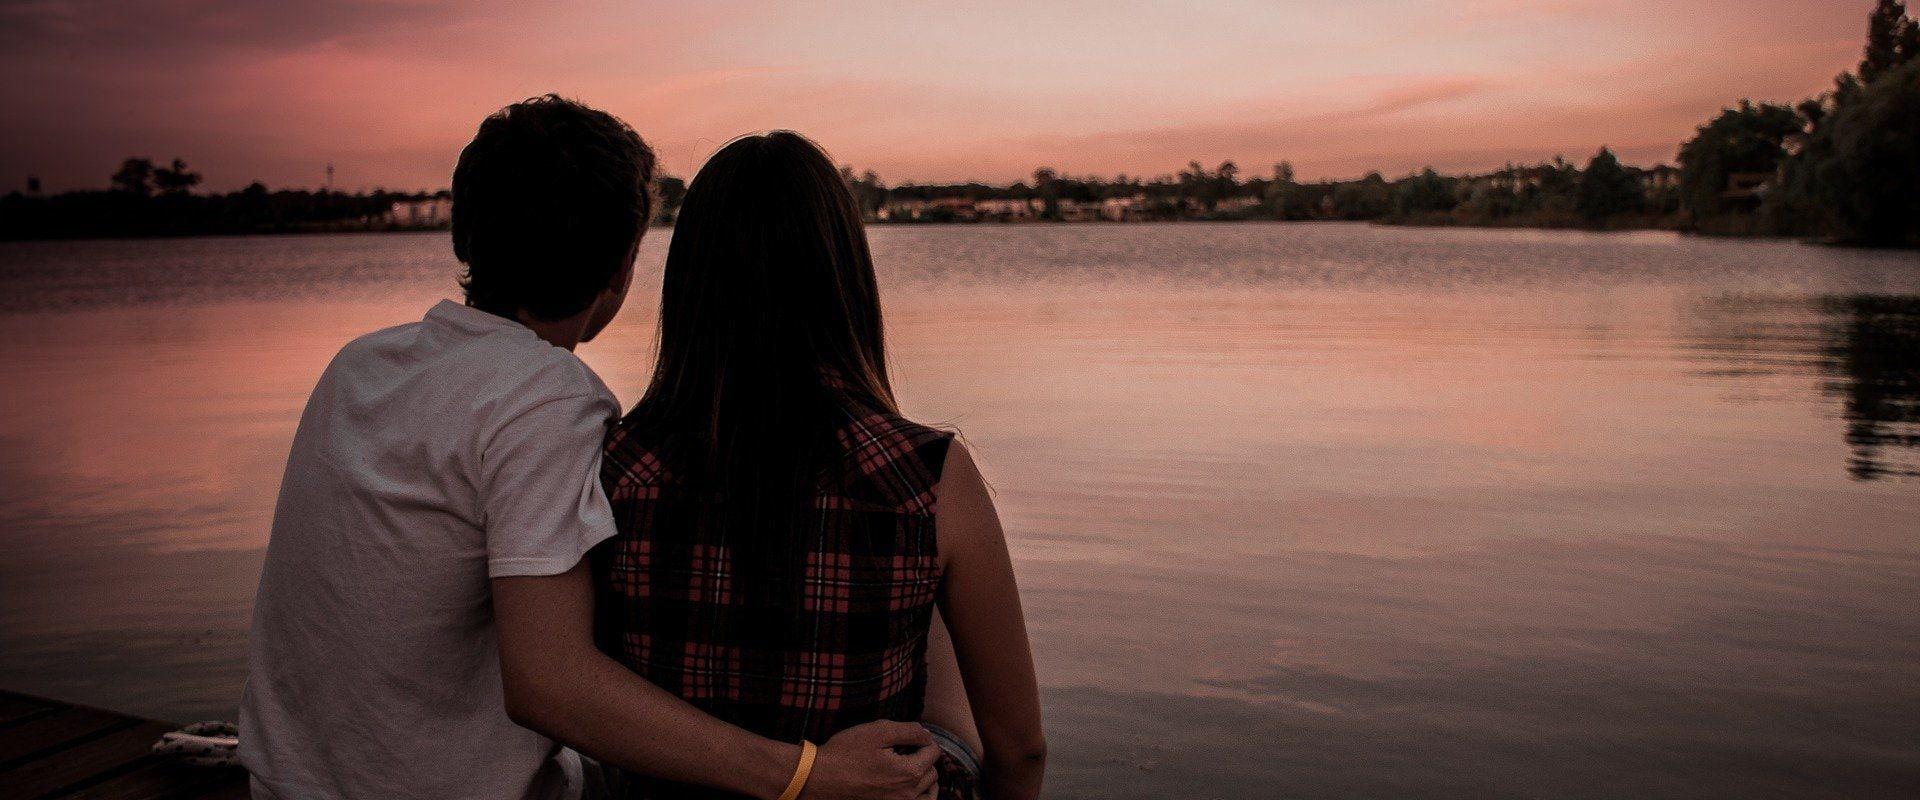 Amoureux par-delà le Rhin: la «double peine» d'une séparation à durée indéterminée